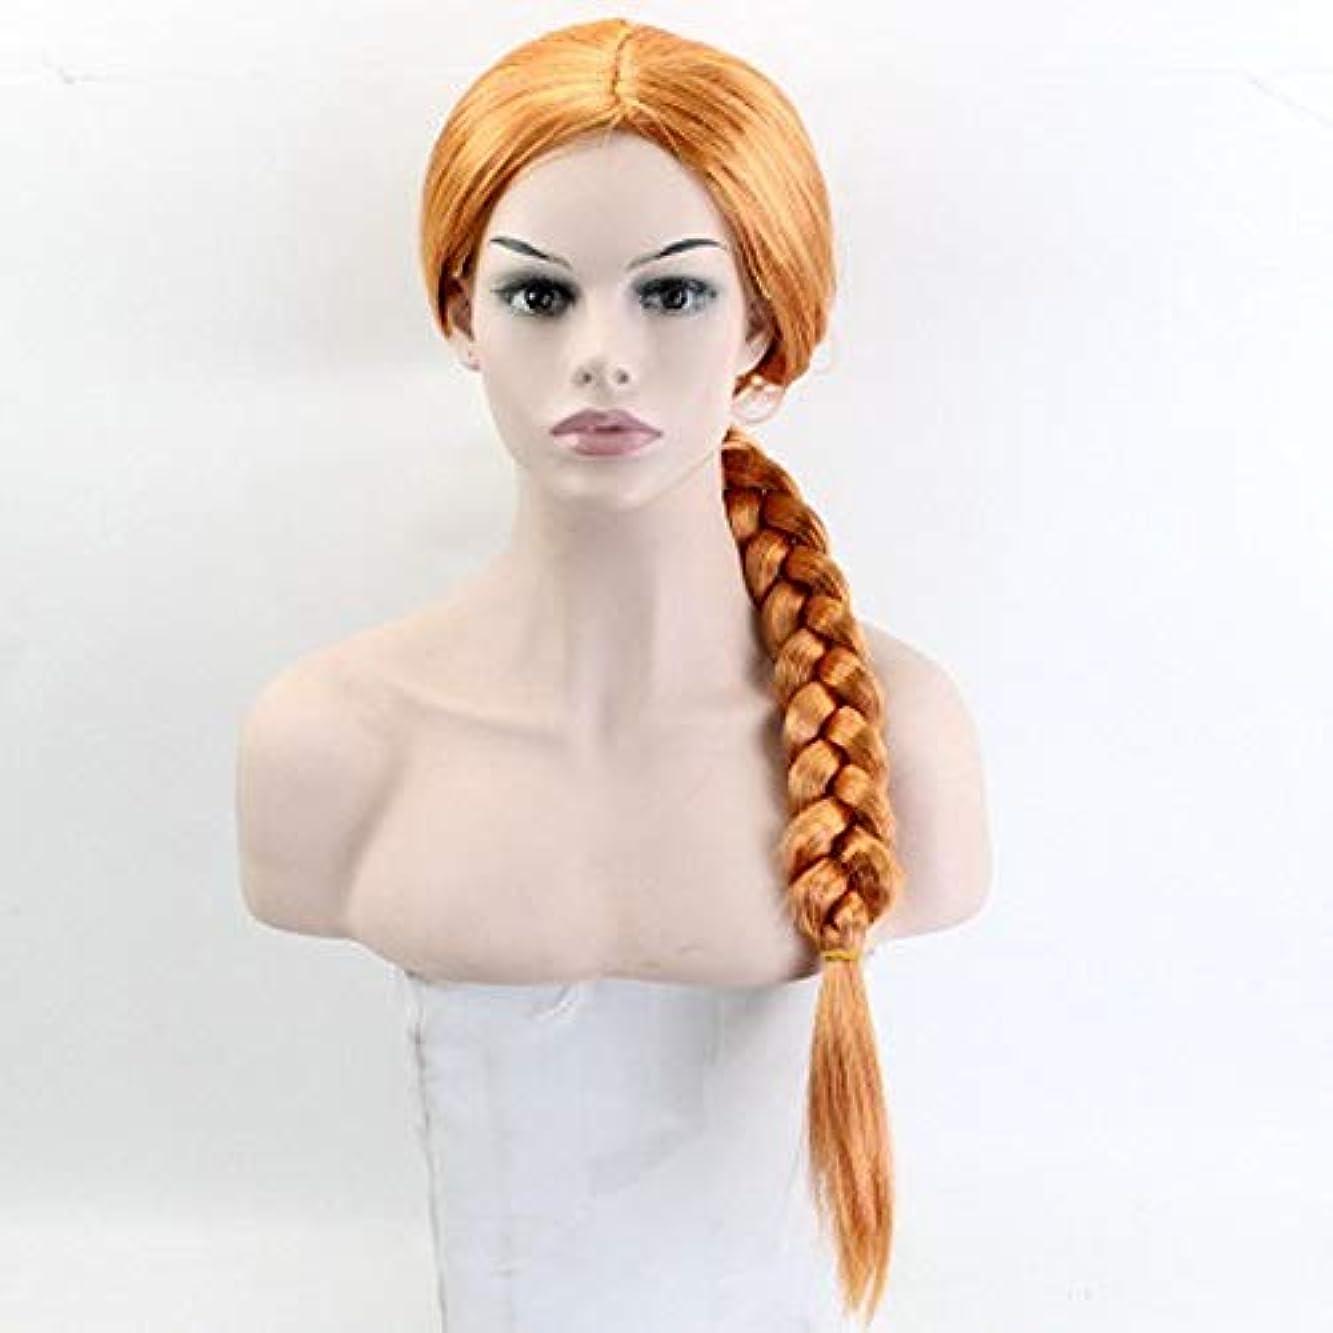 学部想定する牛肉女性のための色のかつら長いウェーブのかかった髪、高密度温度合成かつら女性のグルーレスウェーブのかかったコスプレヘアウィッグ、女性のための耐熱繊維の髪のかつら、紫色のウィッグ47インチ